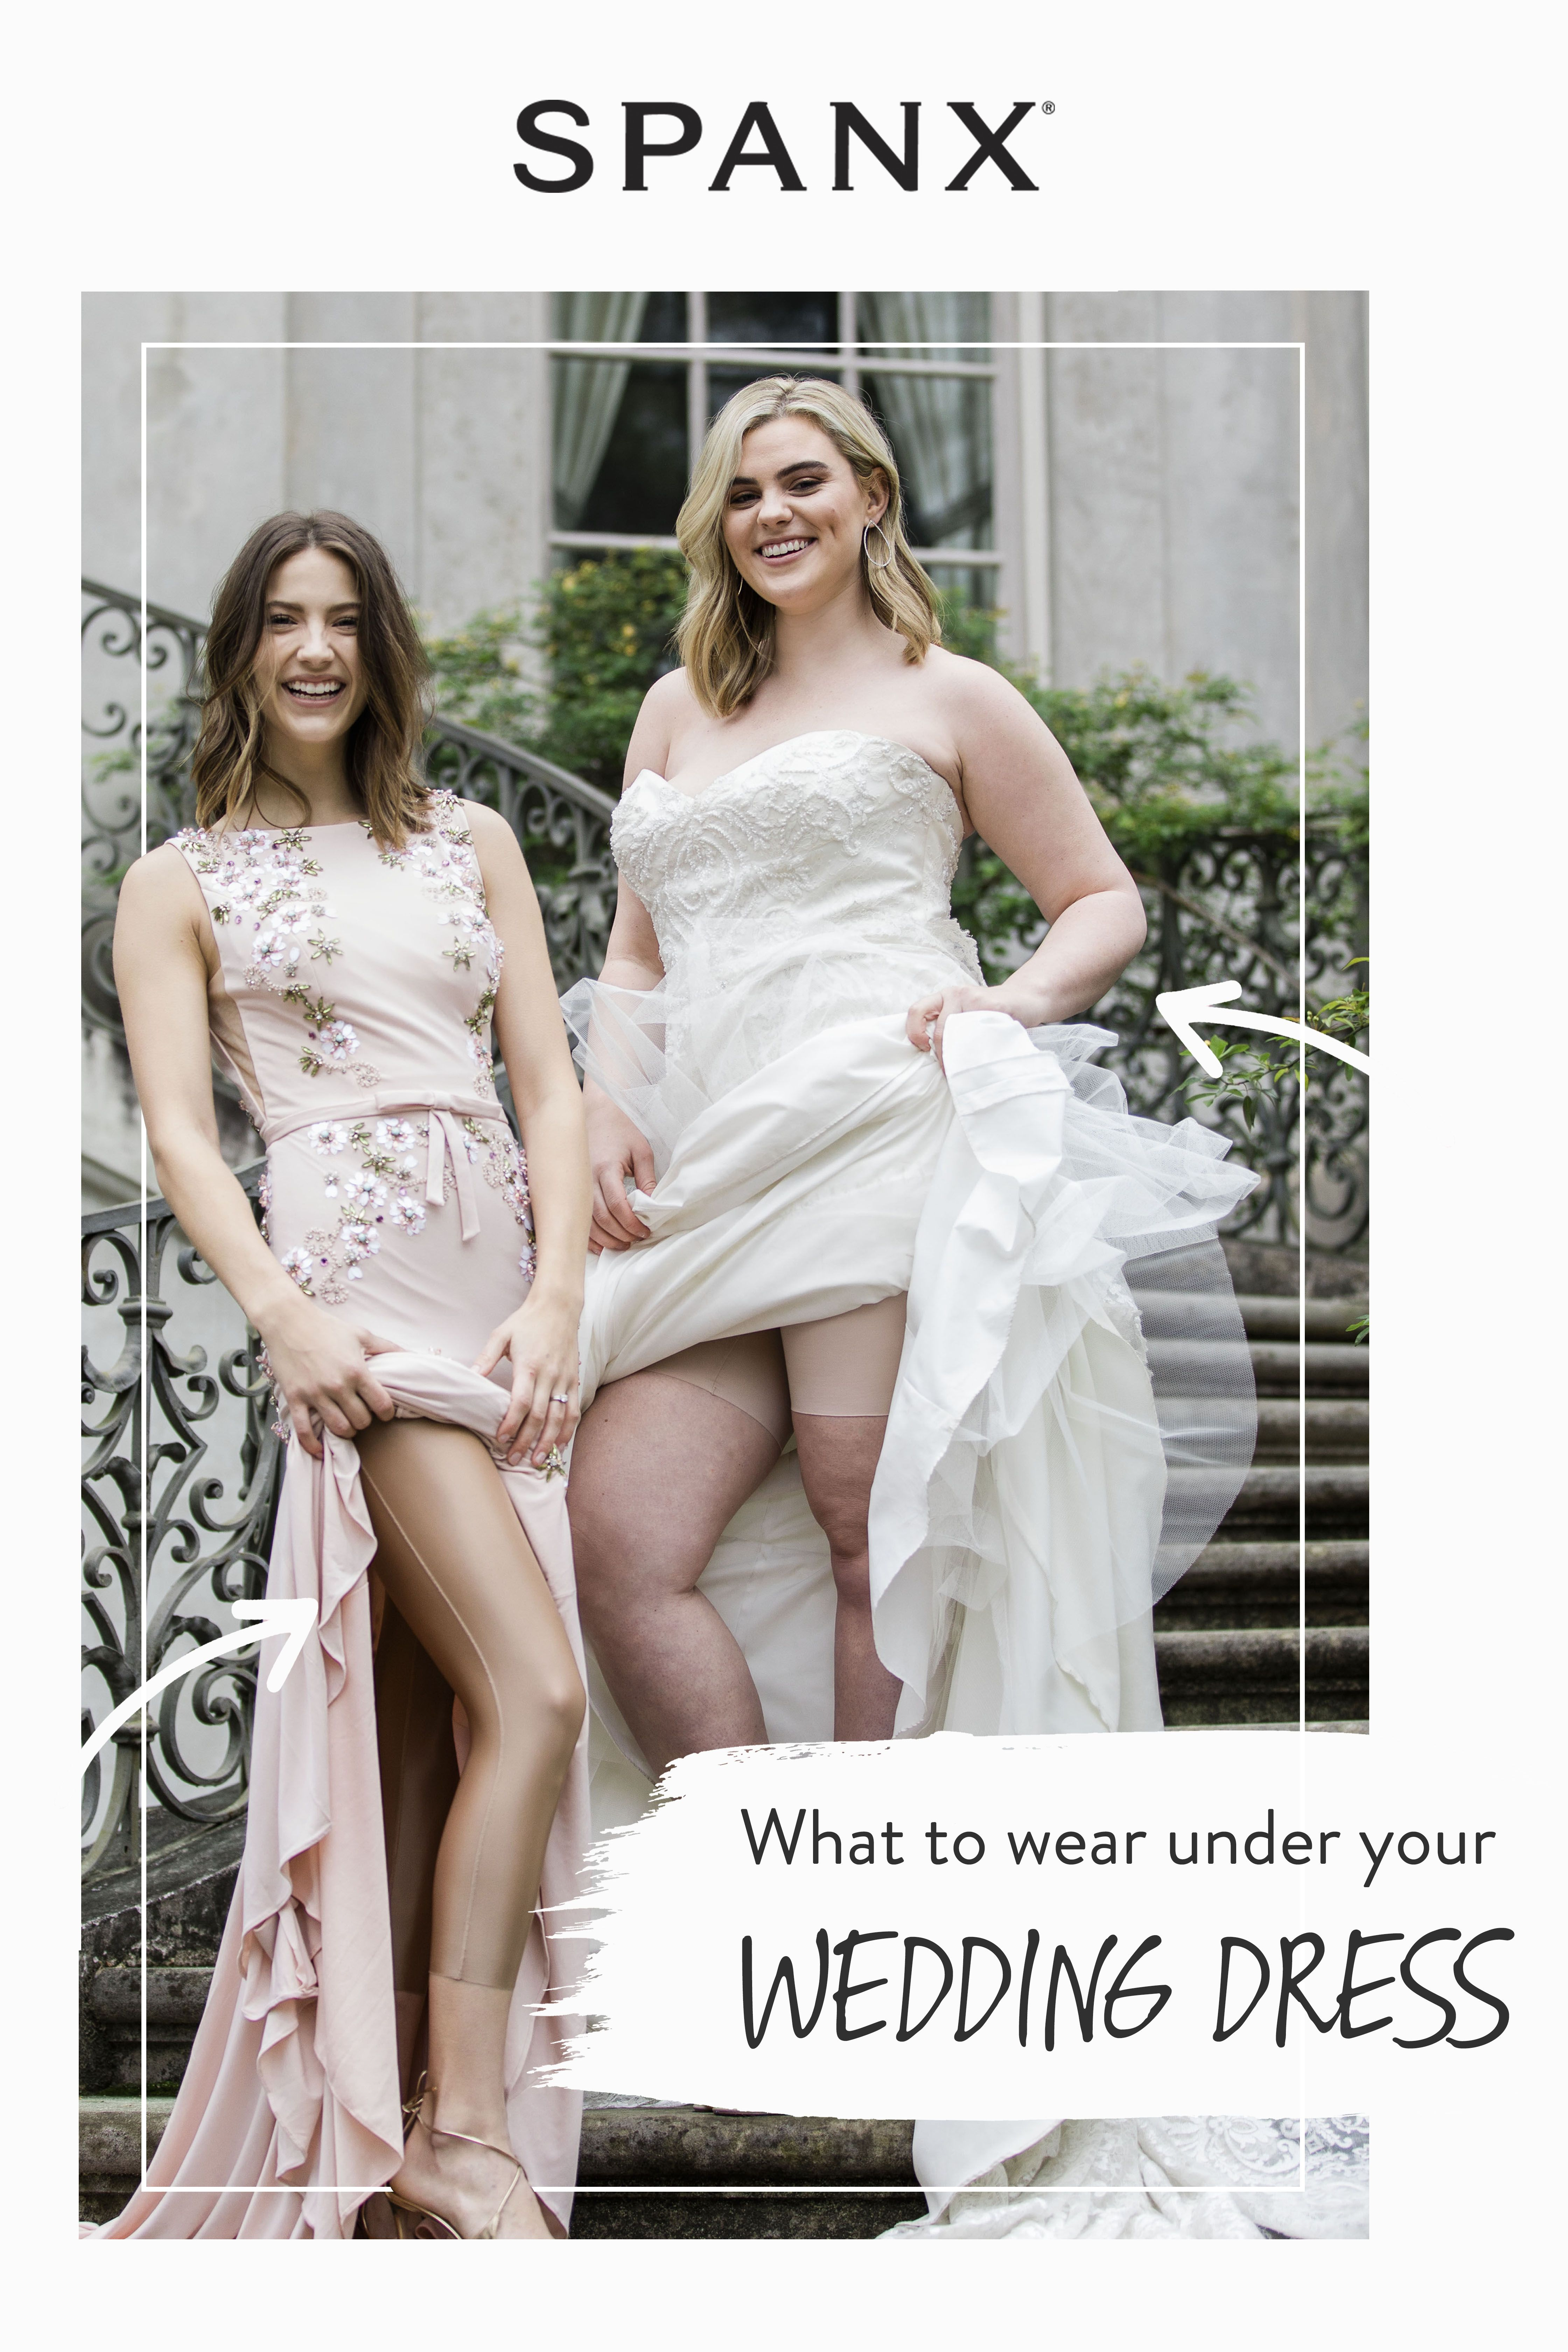 Best Selling Shapewear Shapewear For Wedding Dress Wedding Dresses Wedding Dress Guide